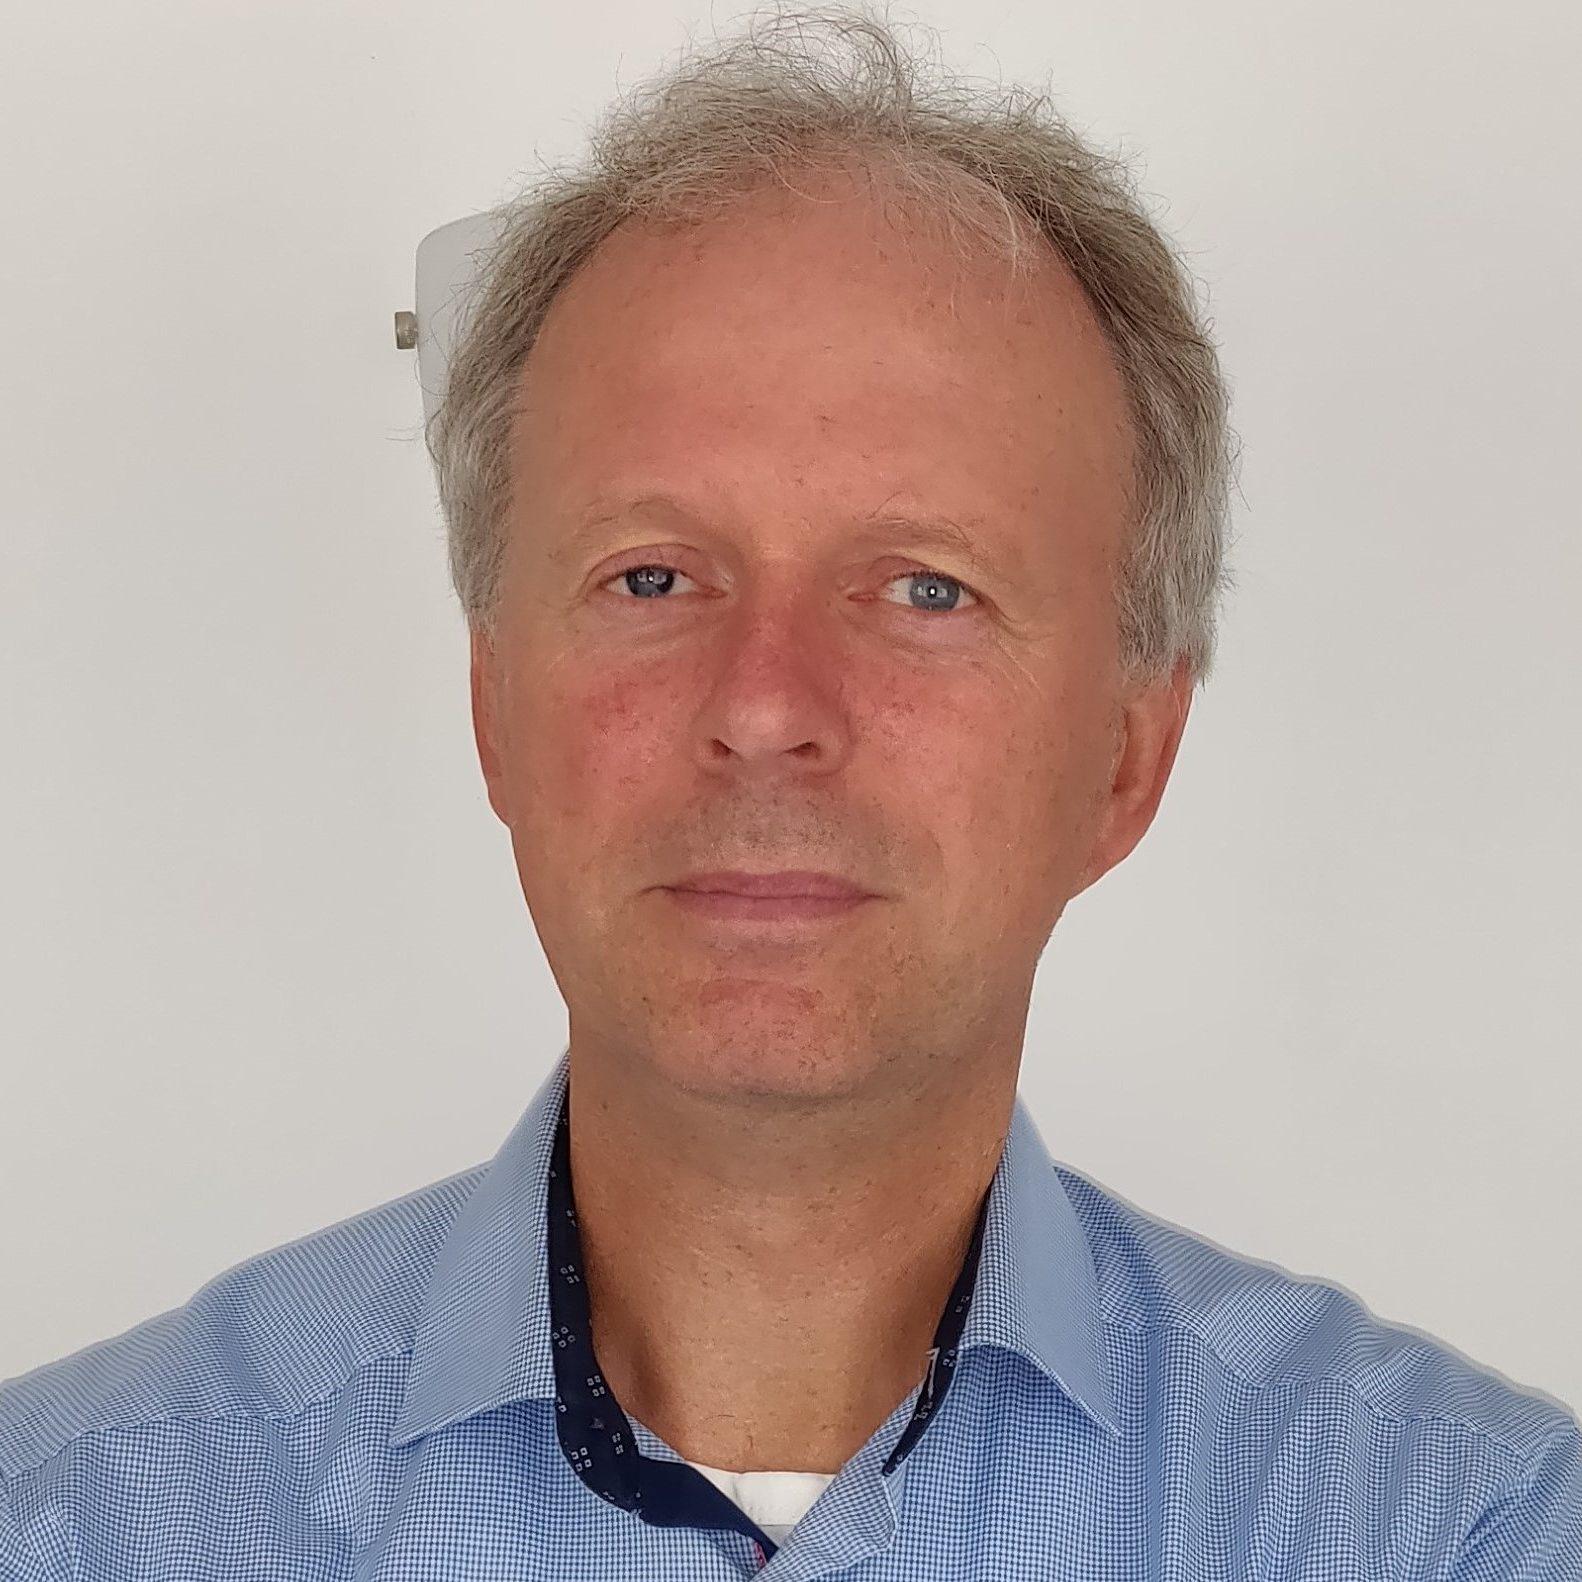 Maarten9